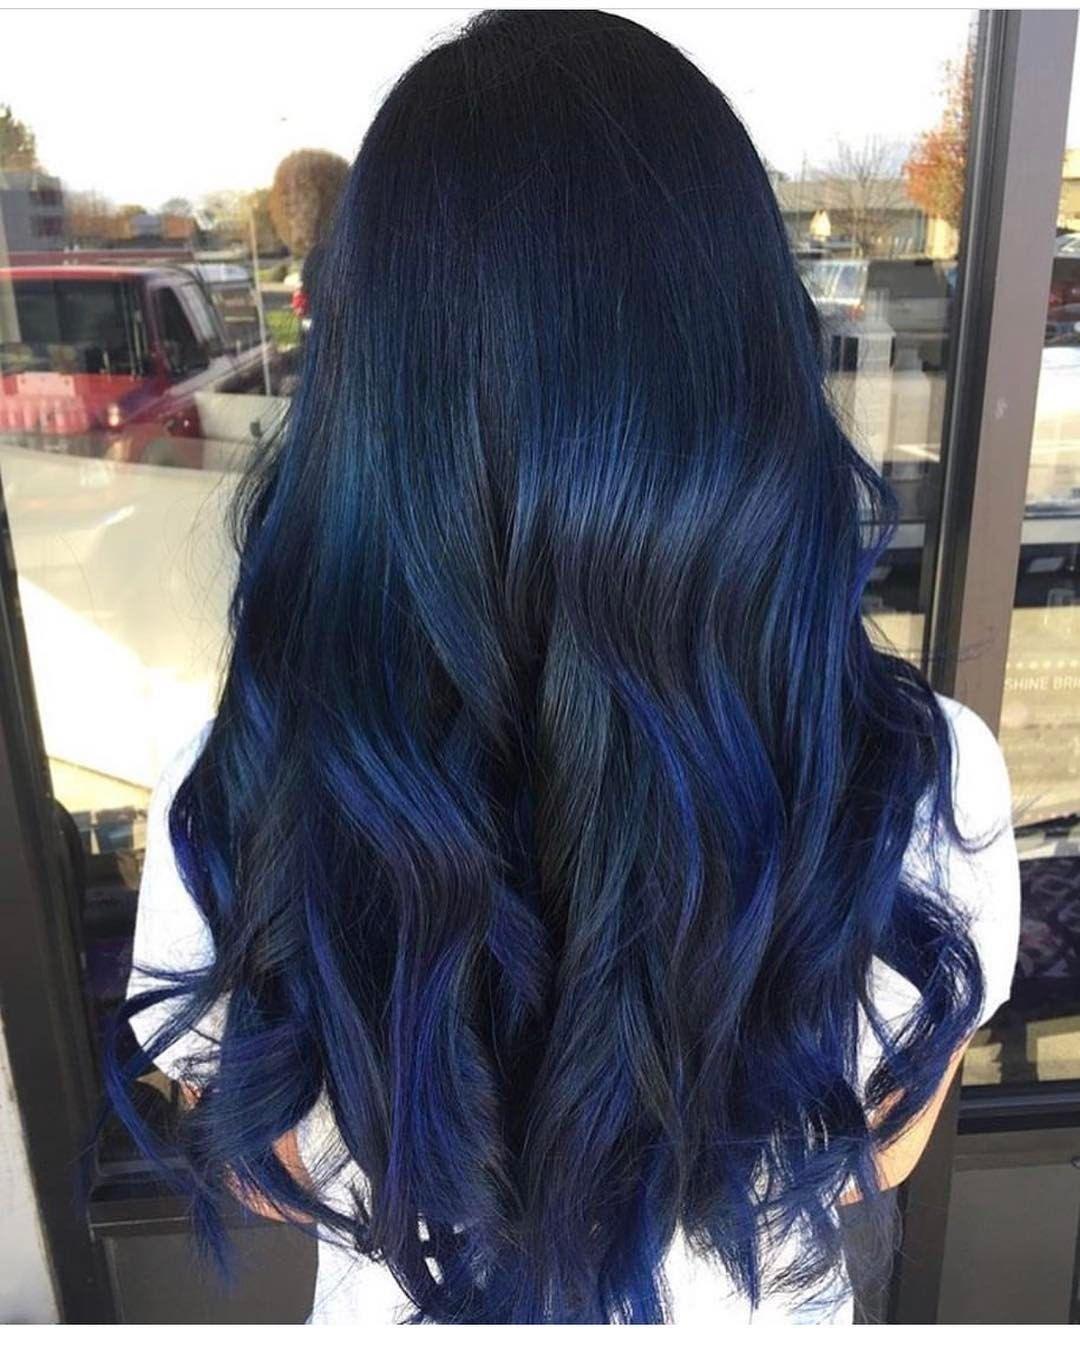 Kiểu tóc nhuộm xanh đen đẹp